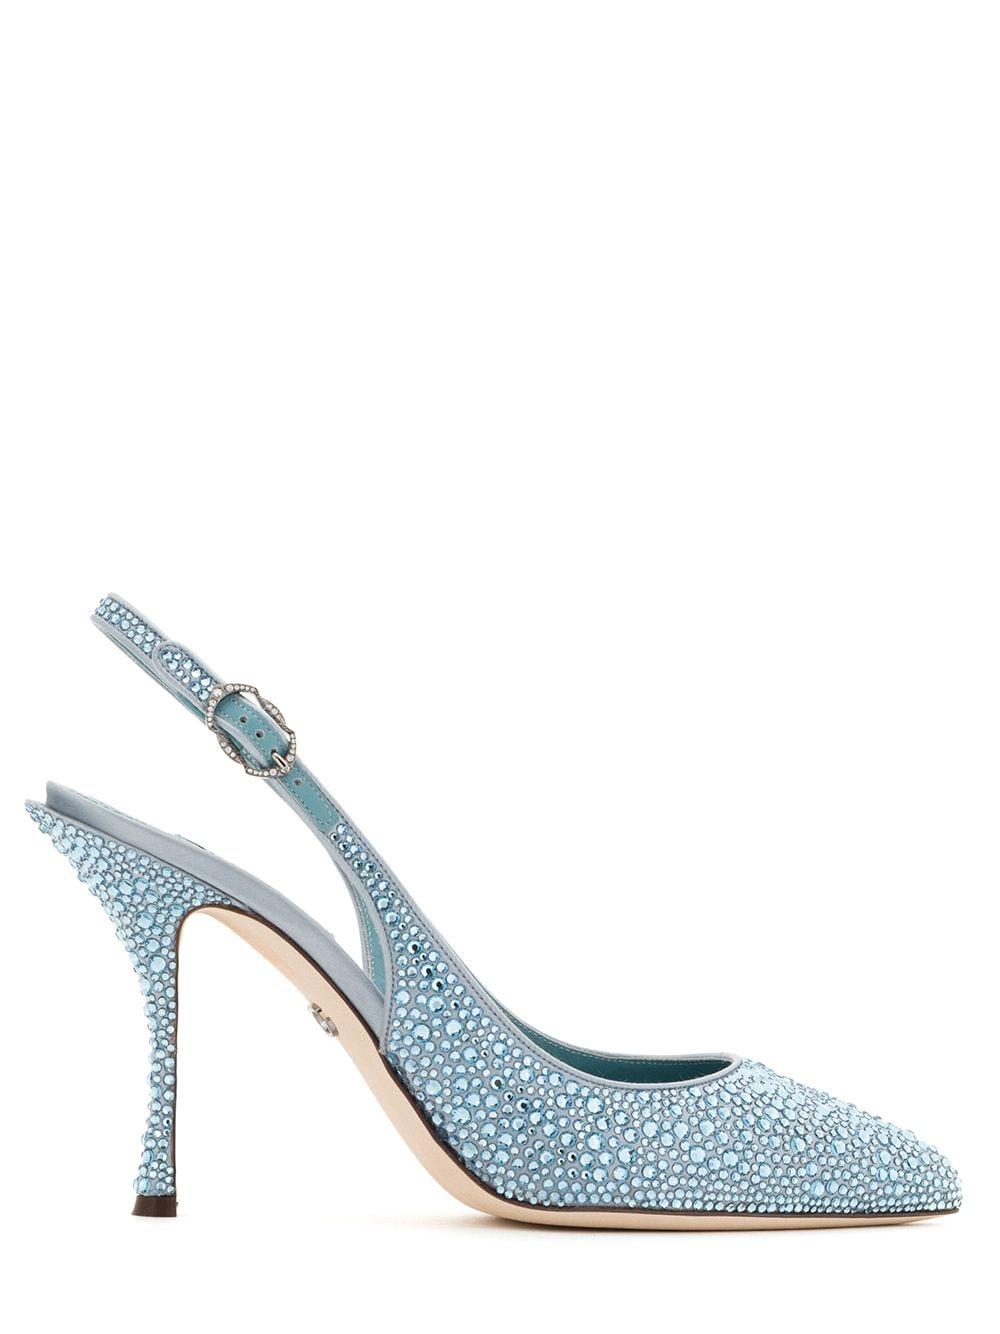 Dolce & Gabbana Spitze Pumps mit Kristallen - Blau